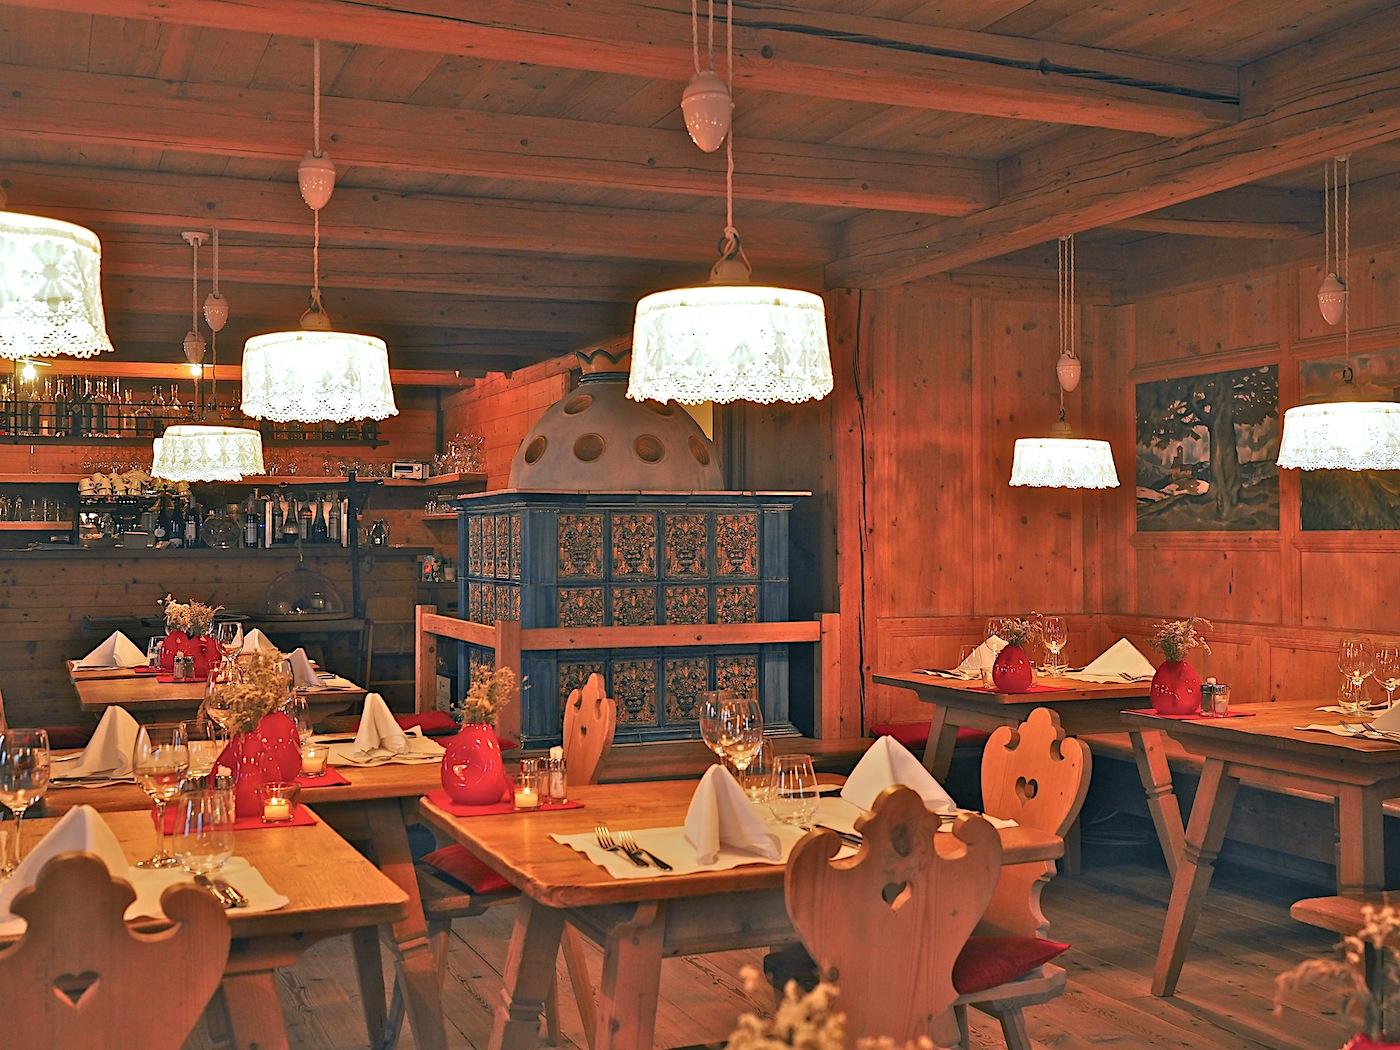 Regionale Genüsse. In der Ida-Stube, deren weitläufige Terrasse ein Bergpanorama rahmt, knüpfen Design und Kulinarik an Südtiroler Brauchtum an. Der Kachelofen wärmte schon 1912 die Gäste des alten Hotels.